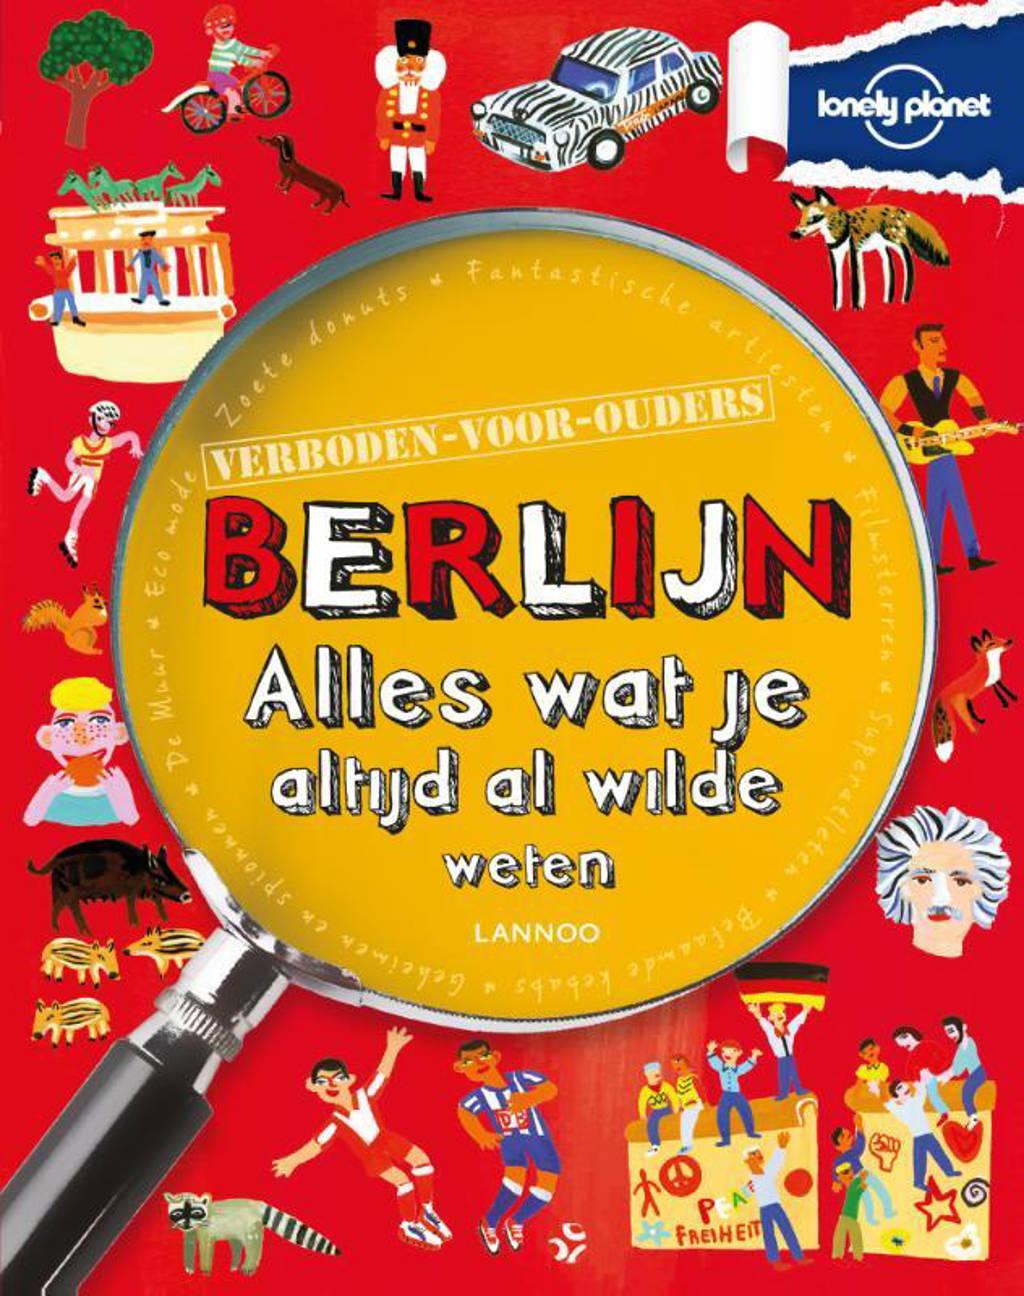 Lonely planet - verboden voor ouders: Berlijn - Helen Greathead